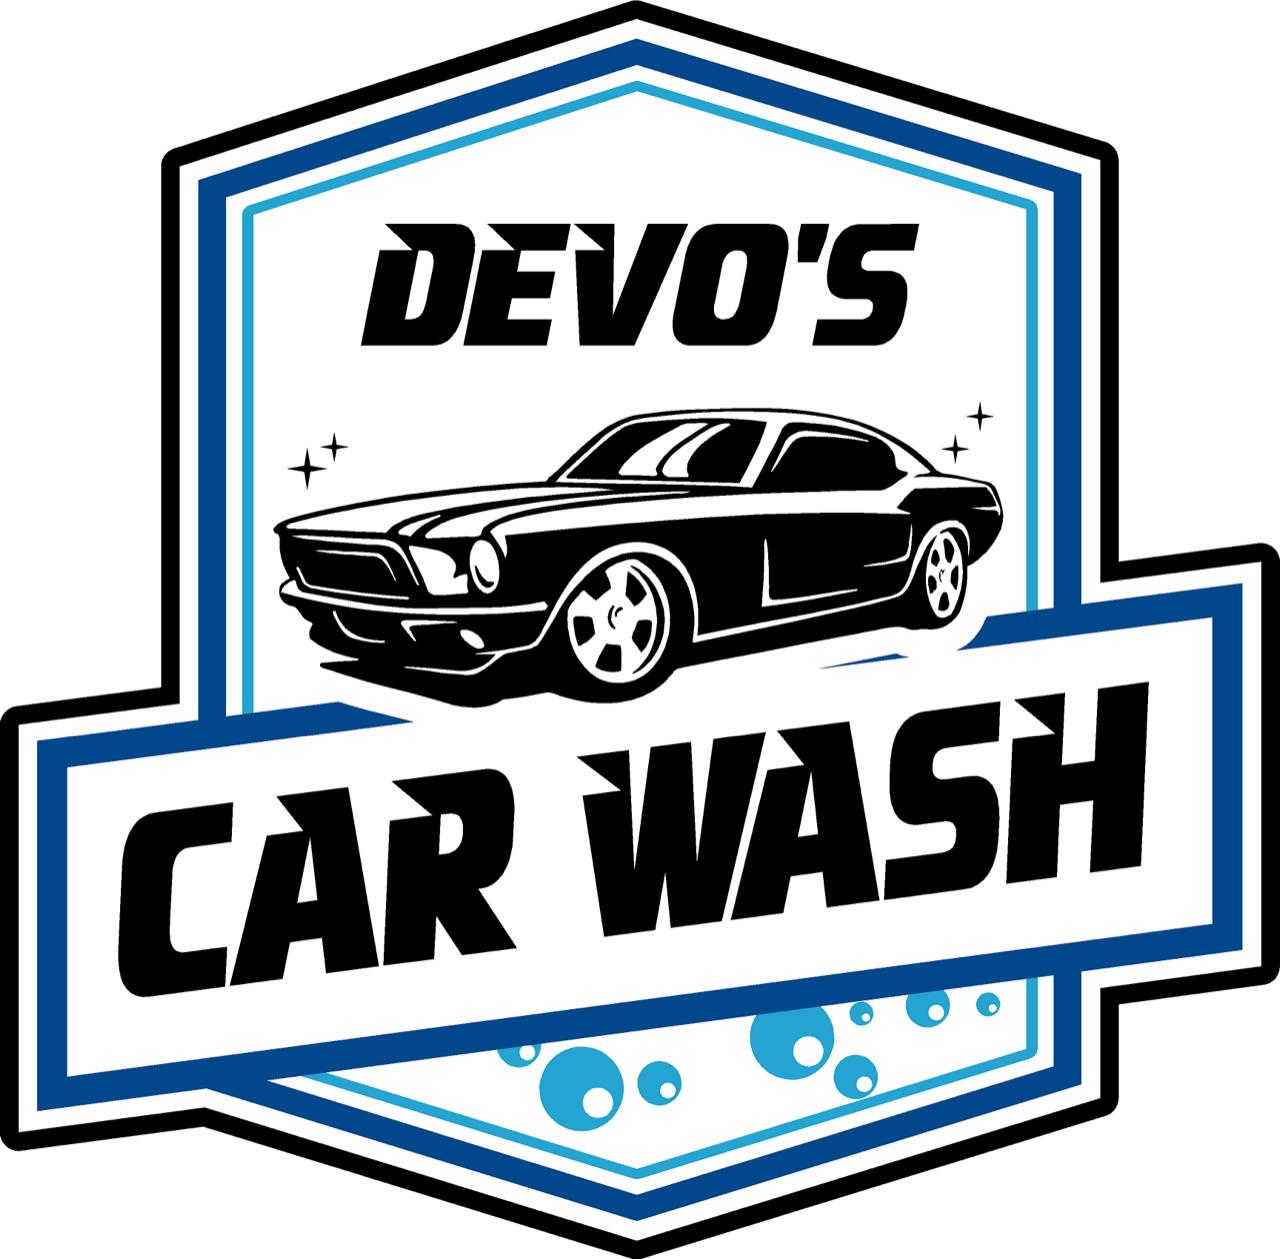 Devo's Car Wash